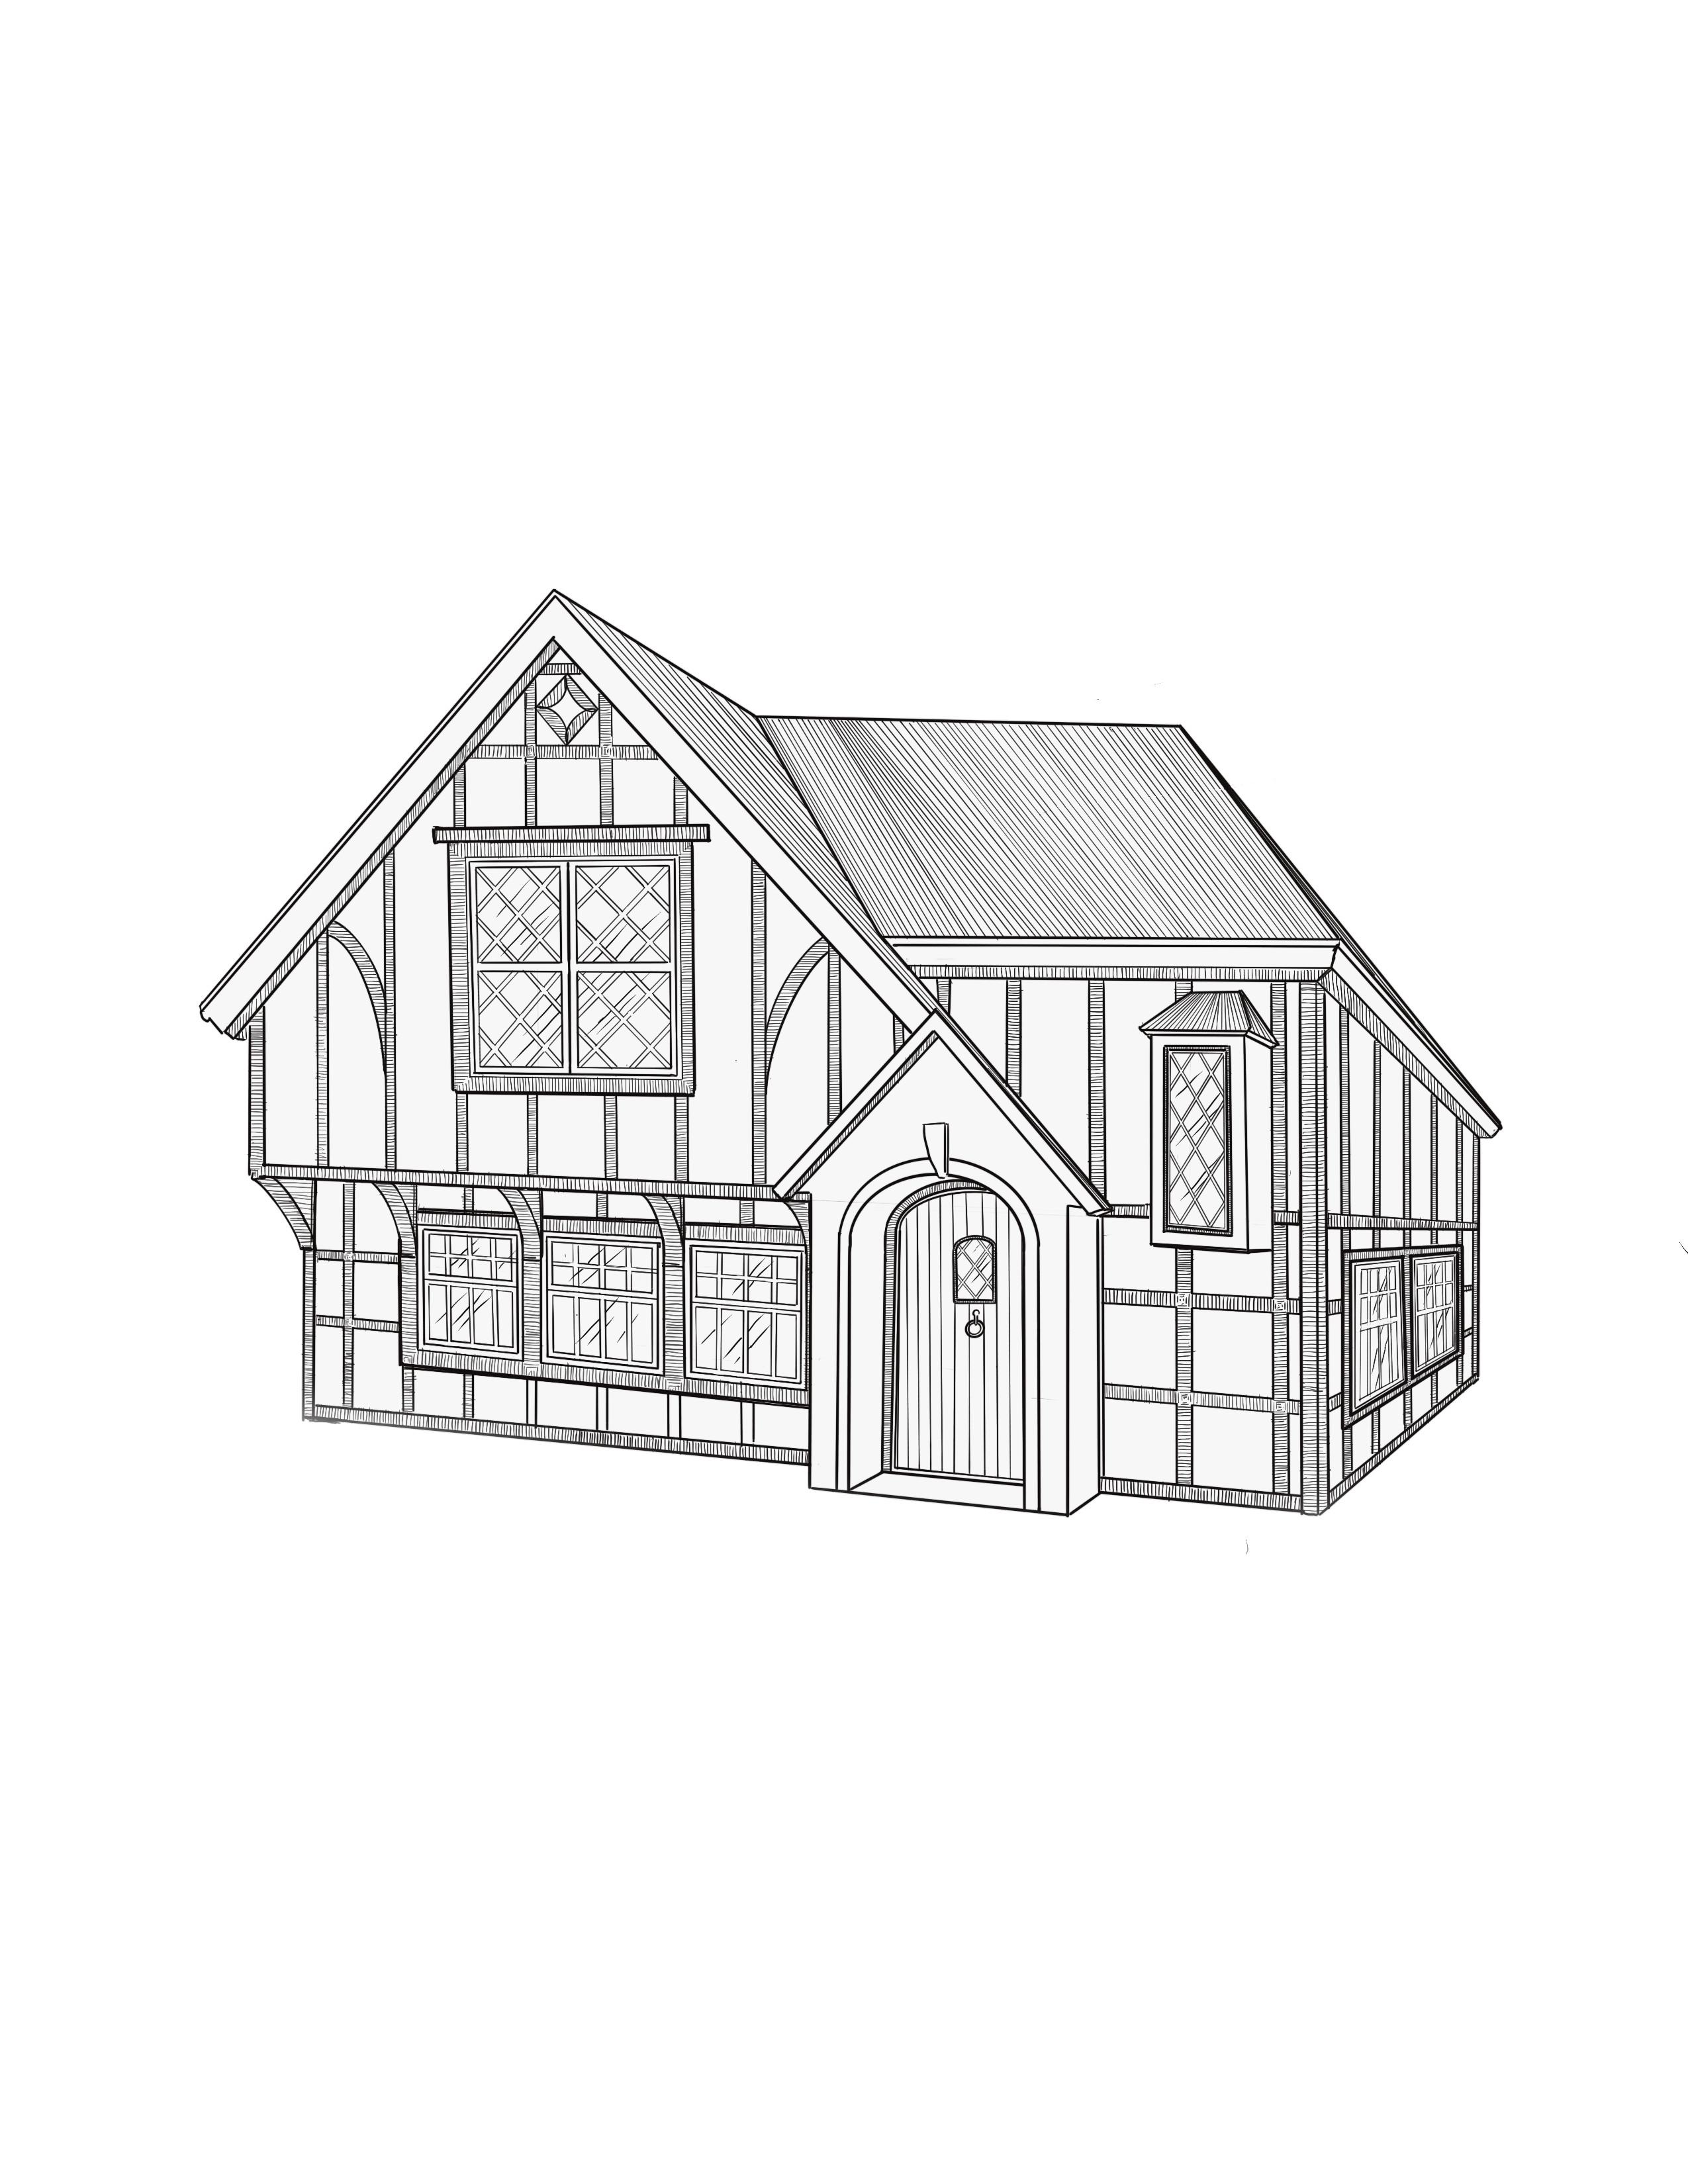 Tudor Homes from England